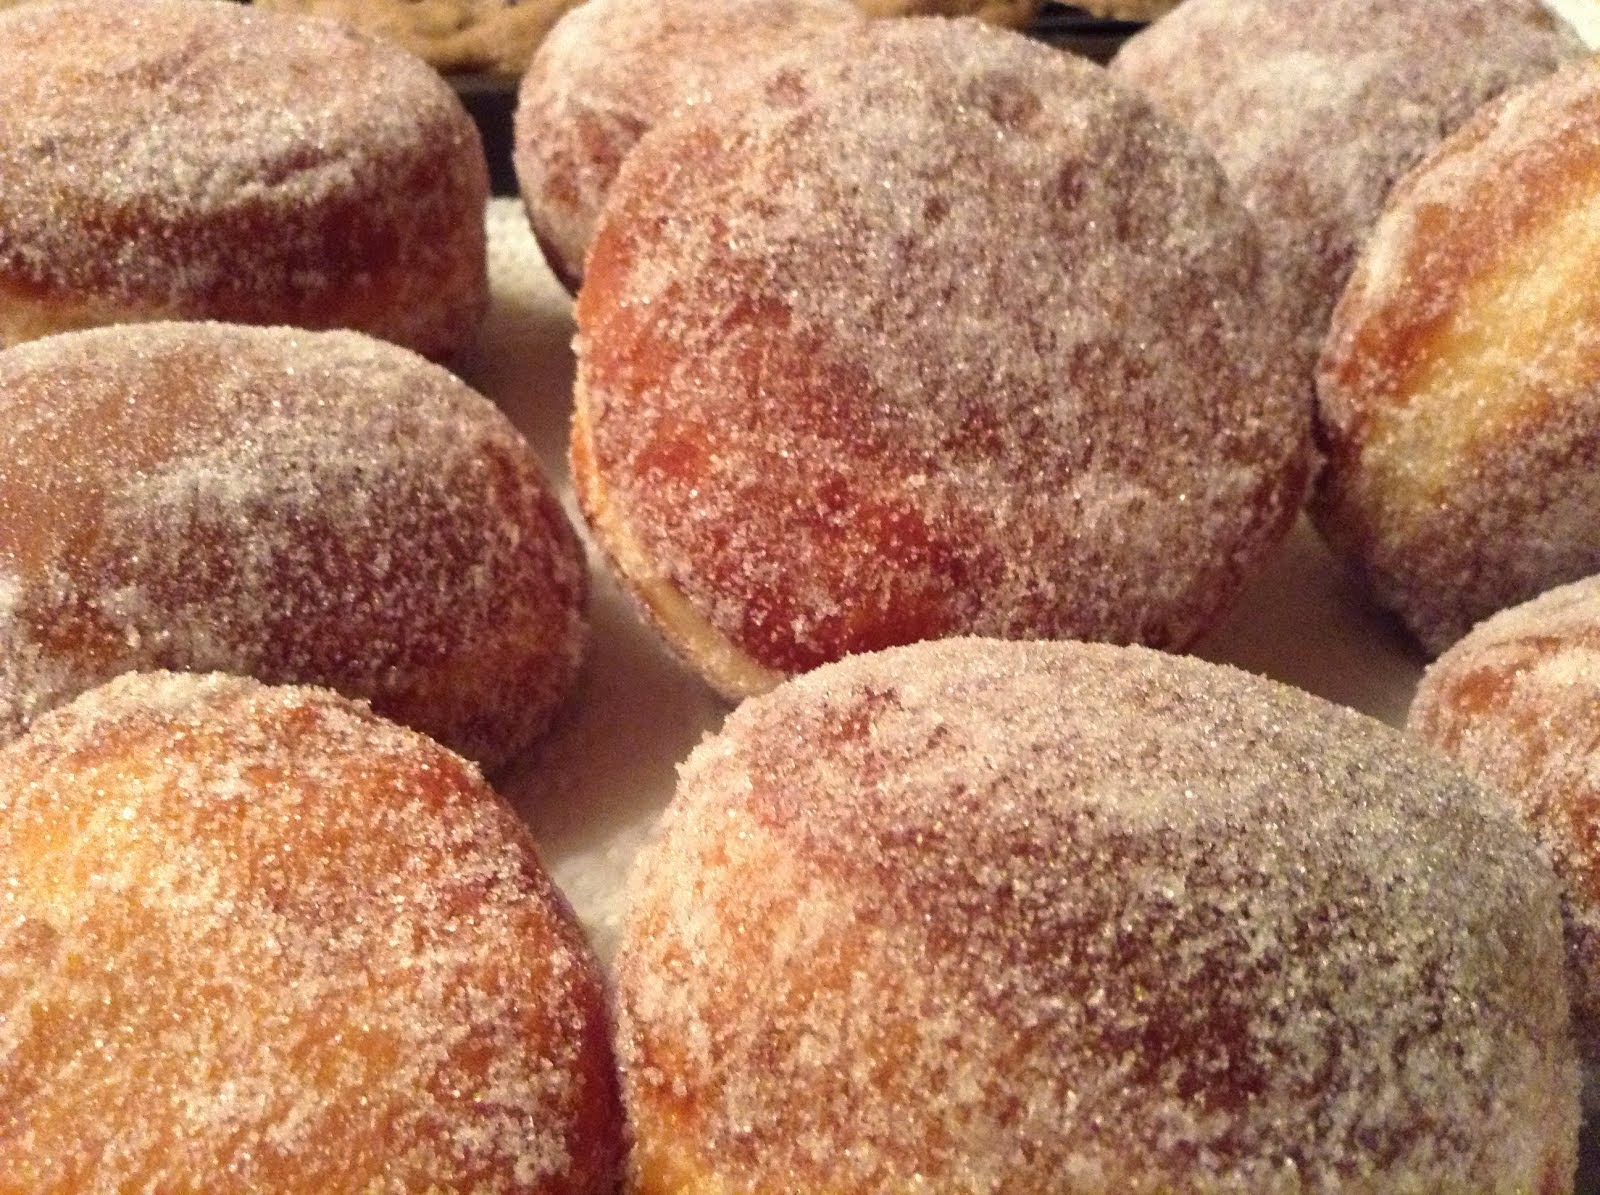 Donuts - Check!